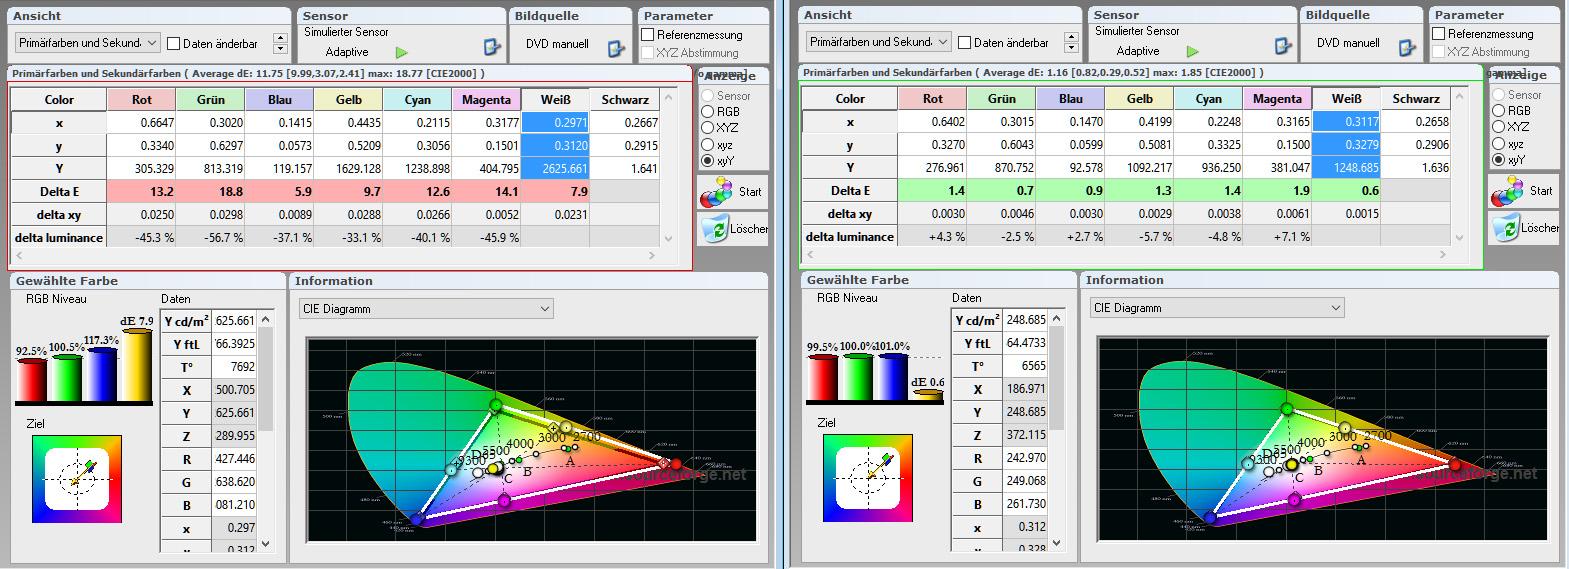 """Farbraum: In der Werkseinstellung (links) fällt der Farbraum etwas größer aus. Ebenso liegt die Farbtemperatur mit 7692 Kelvin über der Norm. Nach der Kalibrierung des Bildmodus """"Benutzer"""" (rechts) sieht das Farbsegel vorbildlich aus. Das belegen auch die Delta-E-Werte in der Tabelle, die allesamt im grünen Bereich sind. Die Farbtemperatur beträgt nun gute 6564 Kelvin (D65)."""